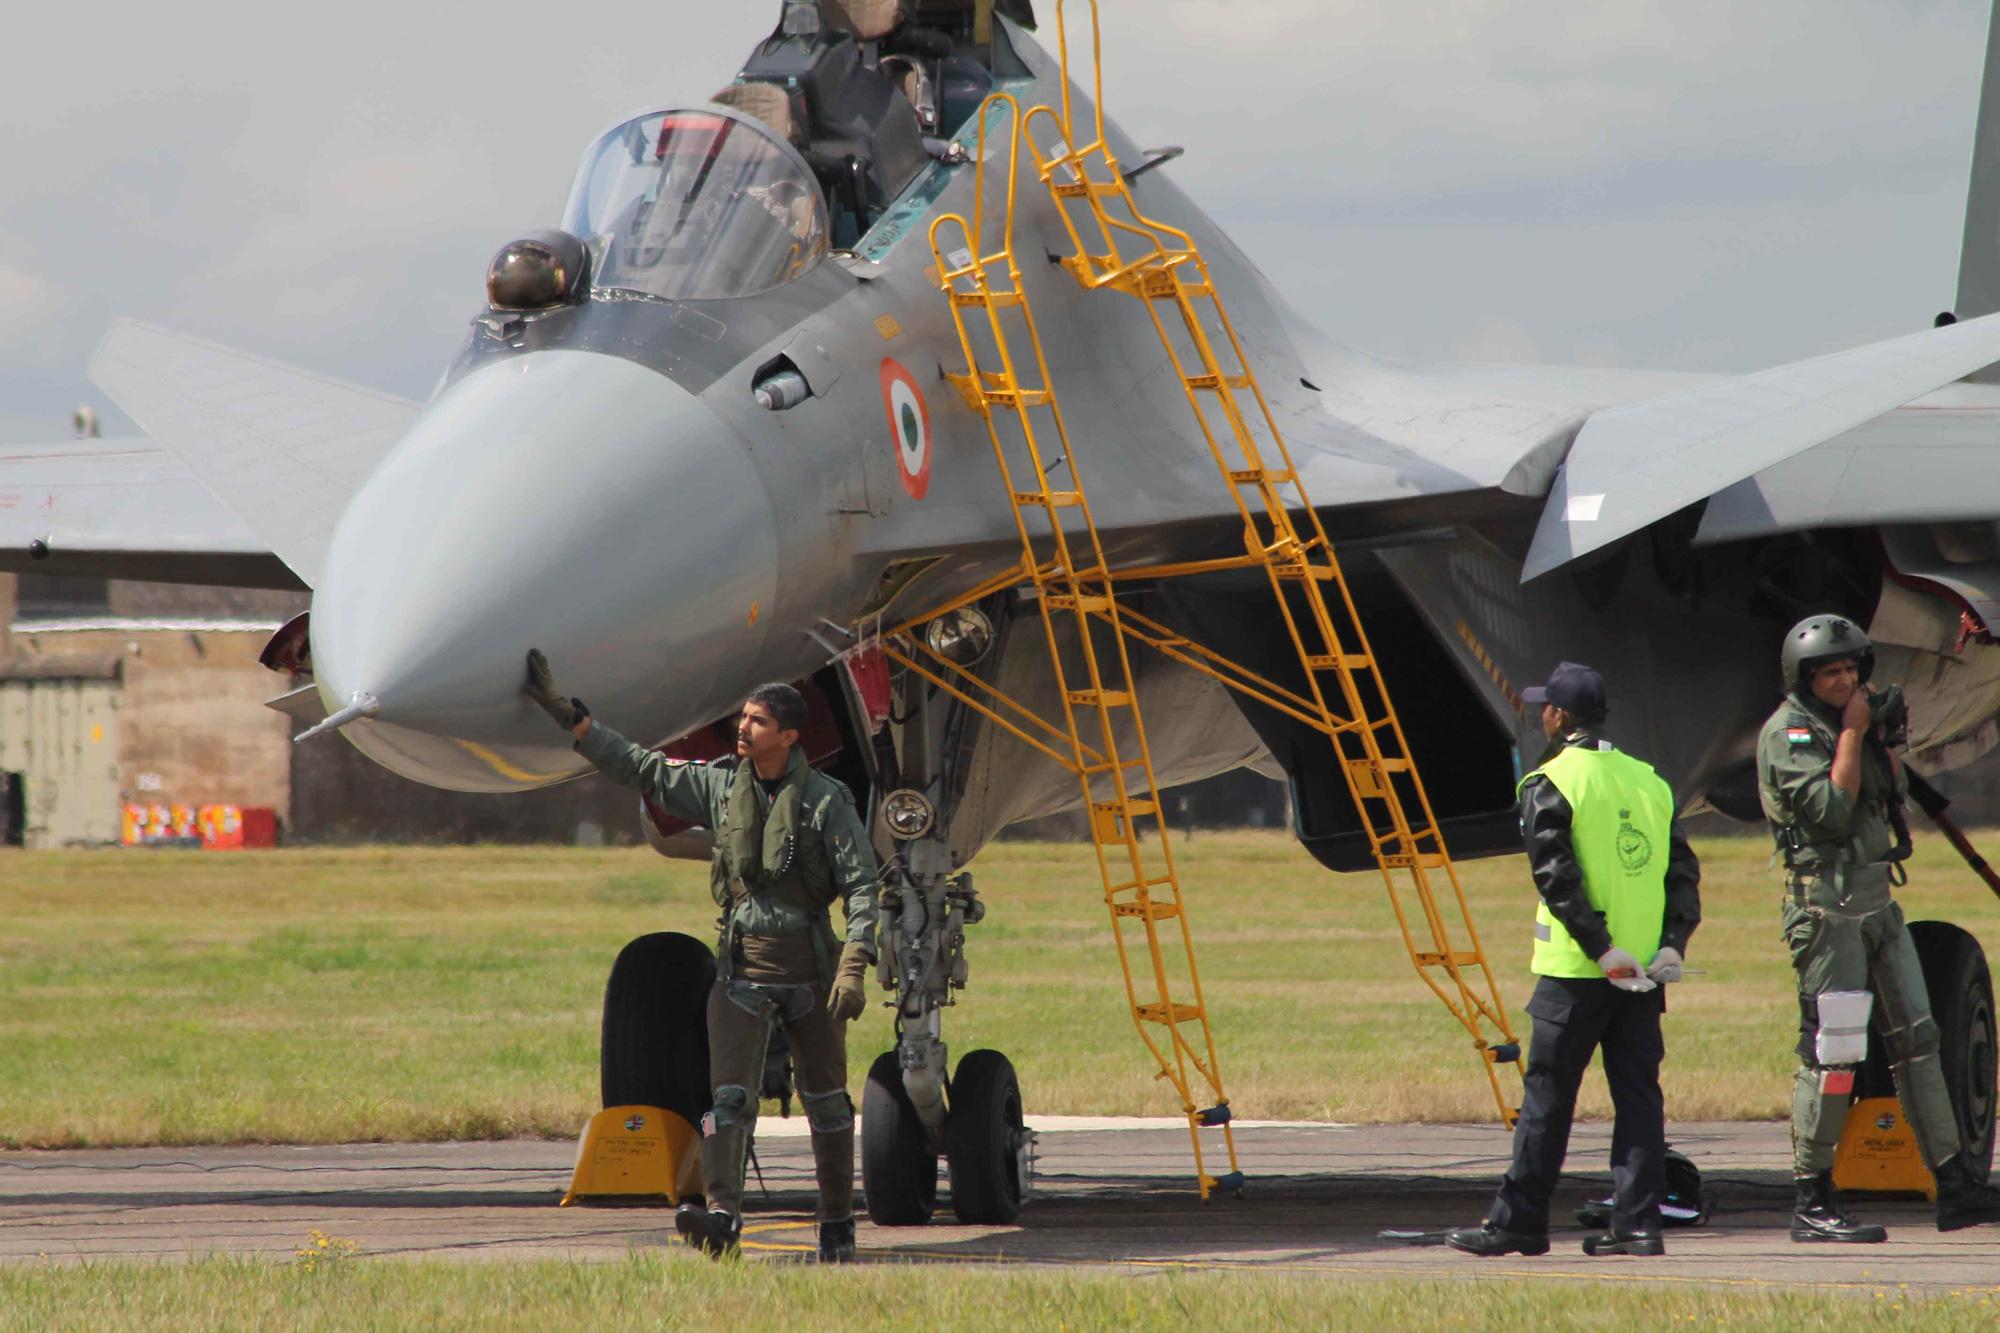 Договор о сервисной поддержке истребителей Су-30МКИ ВВС Индии